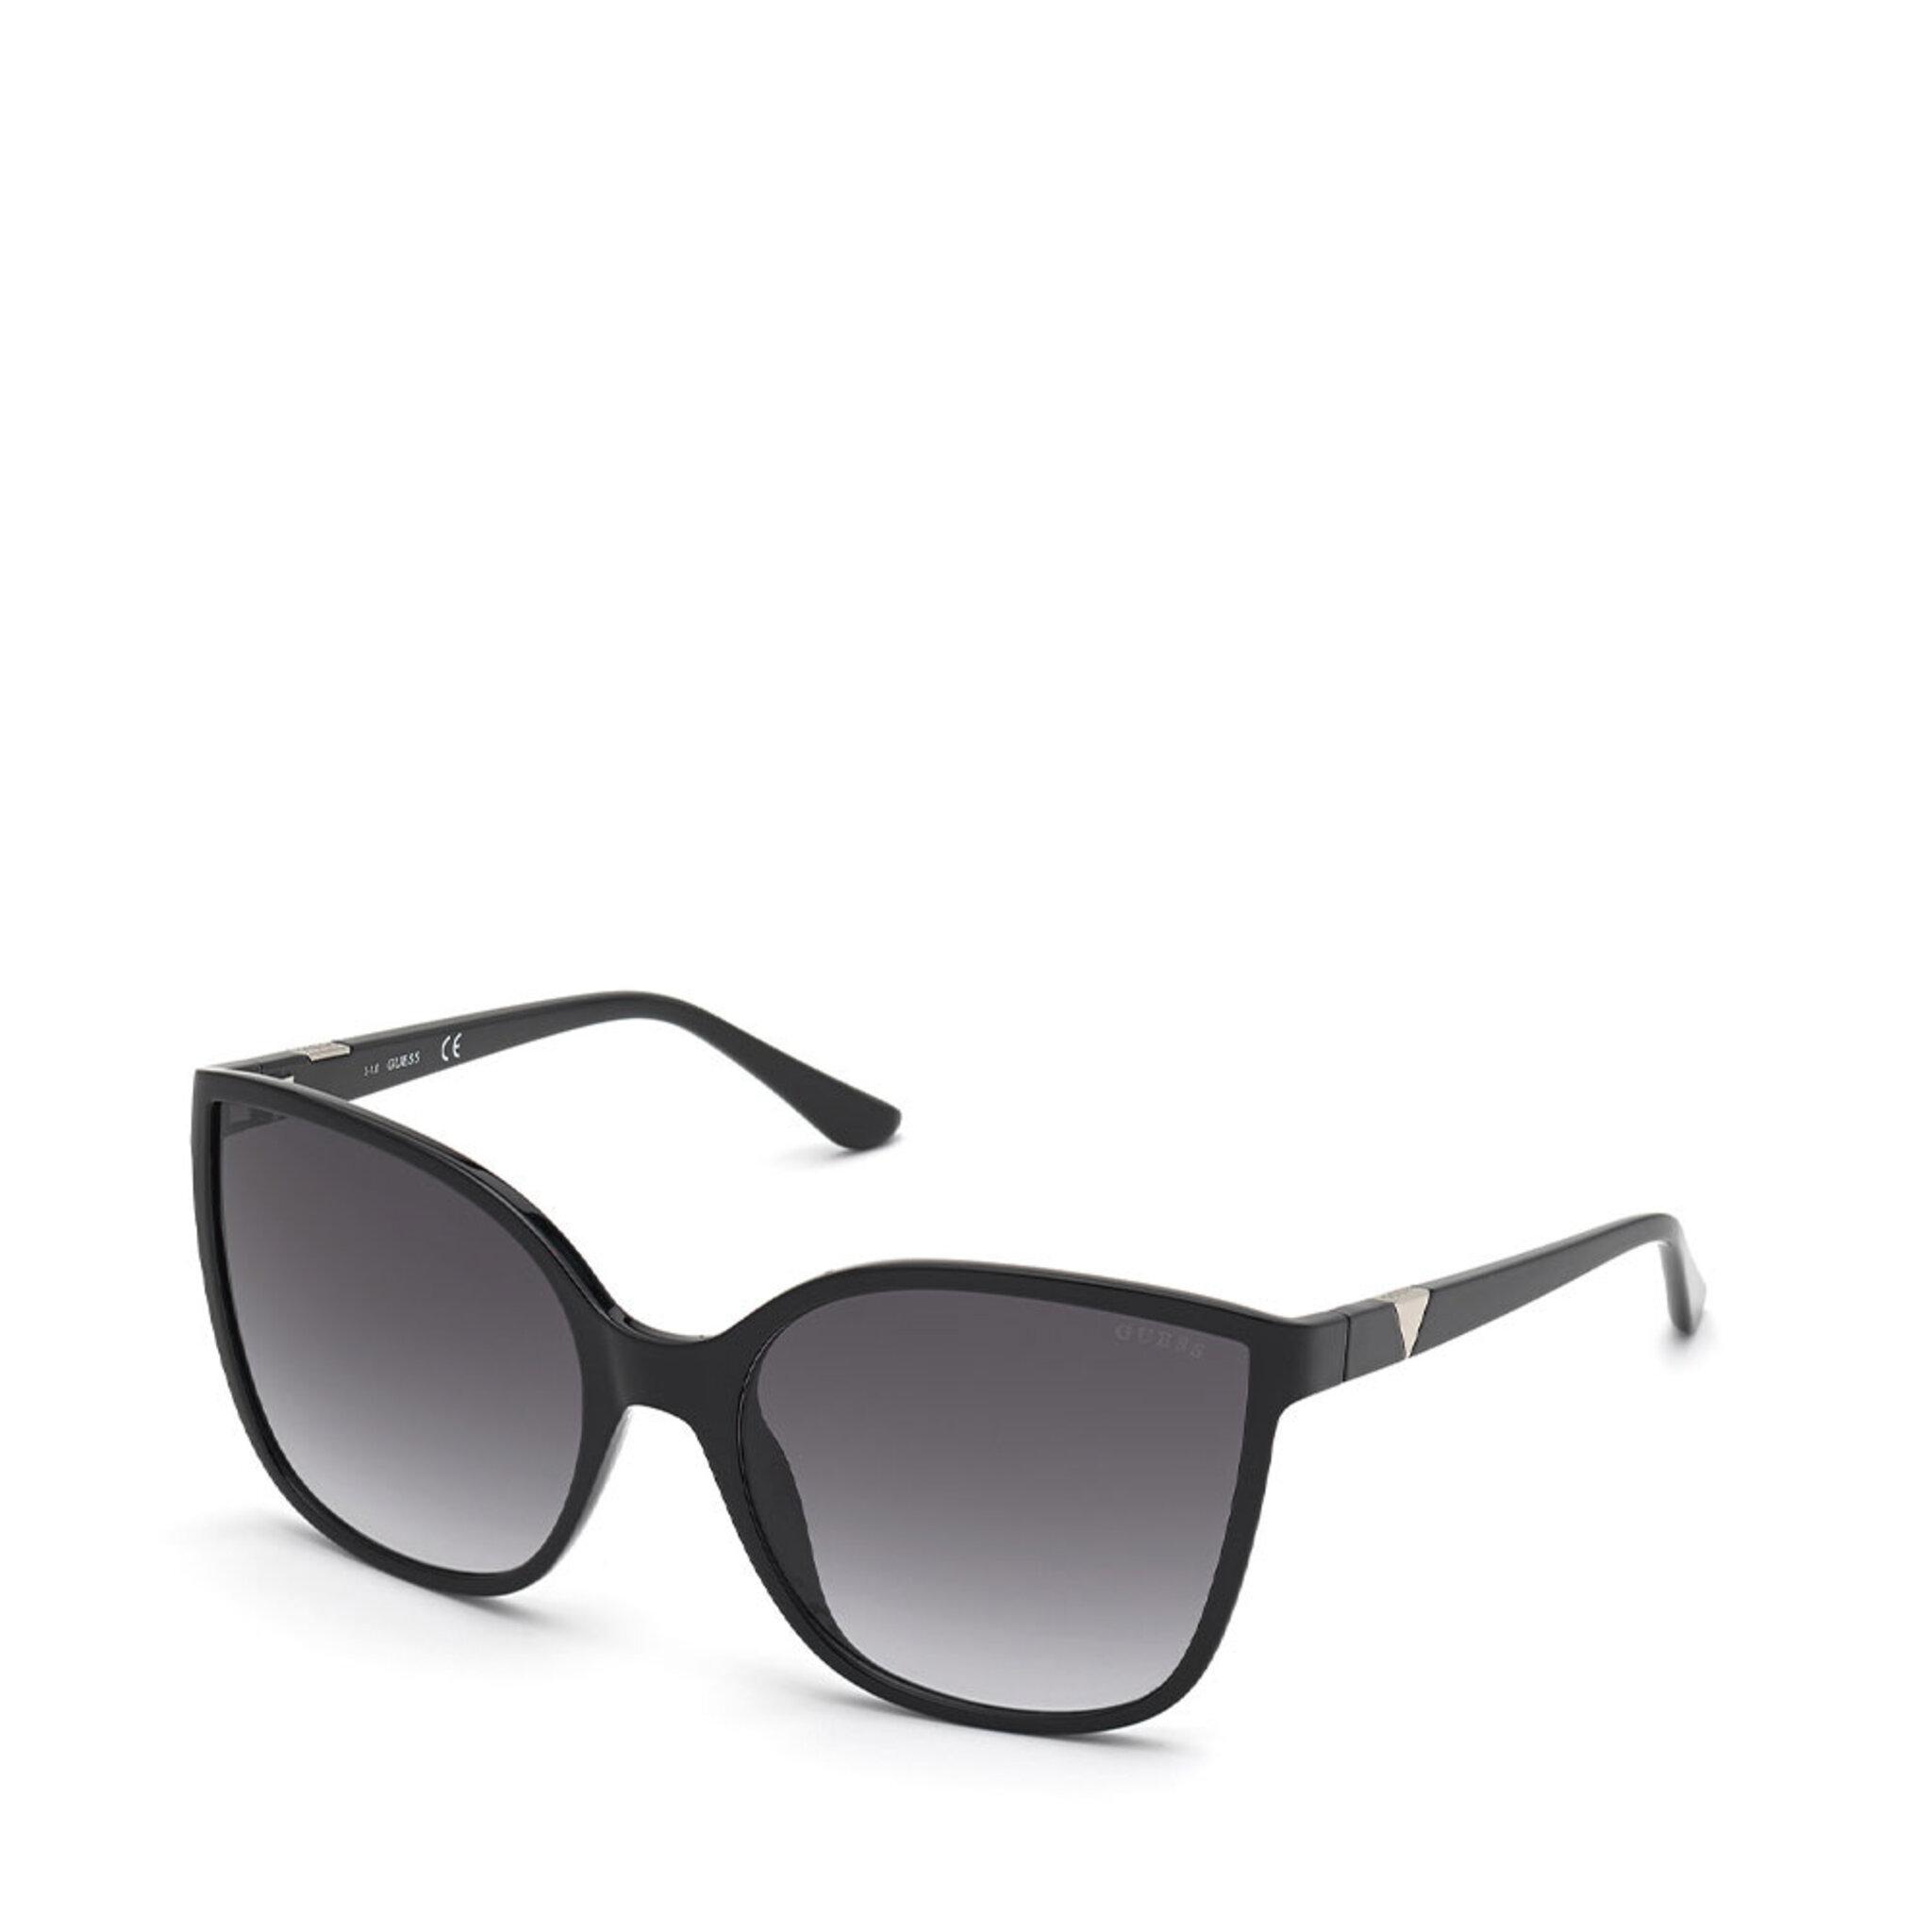 Sunglasses GU7748